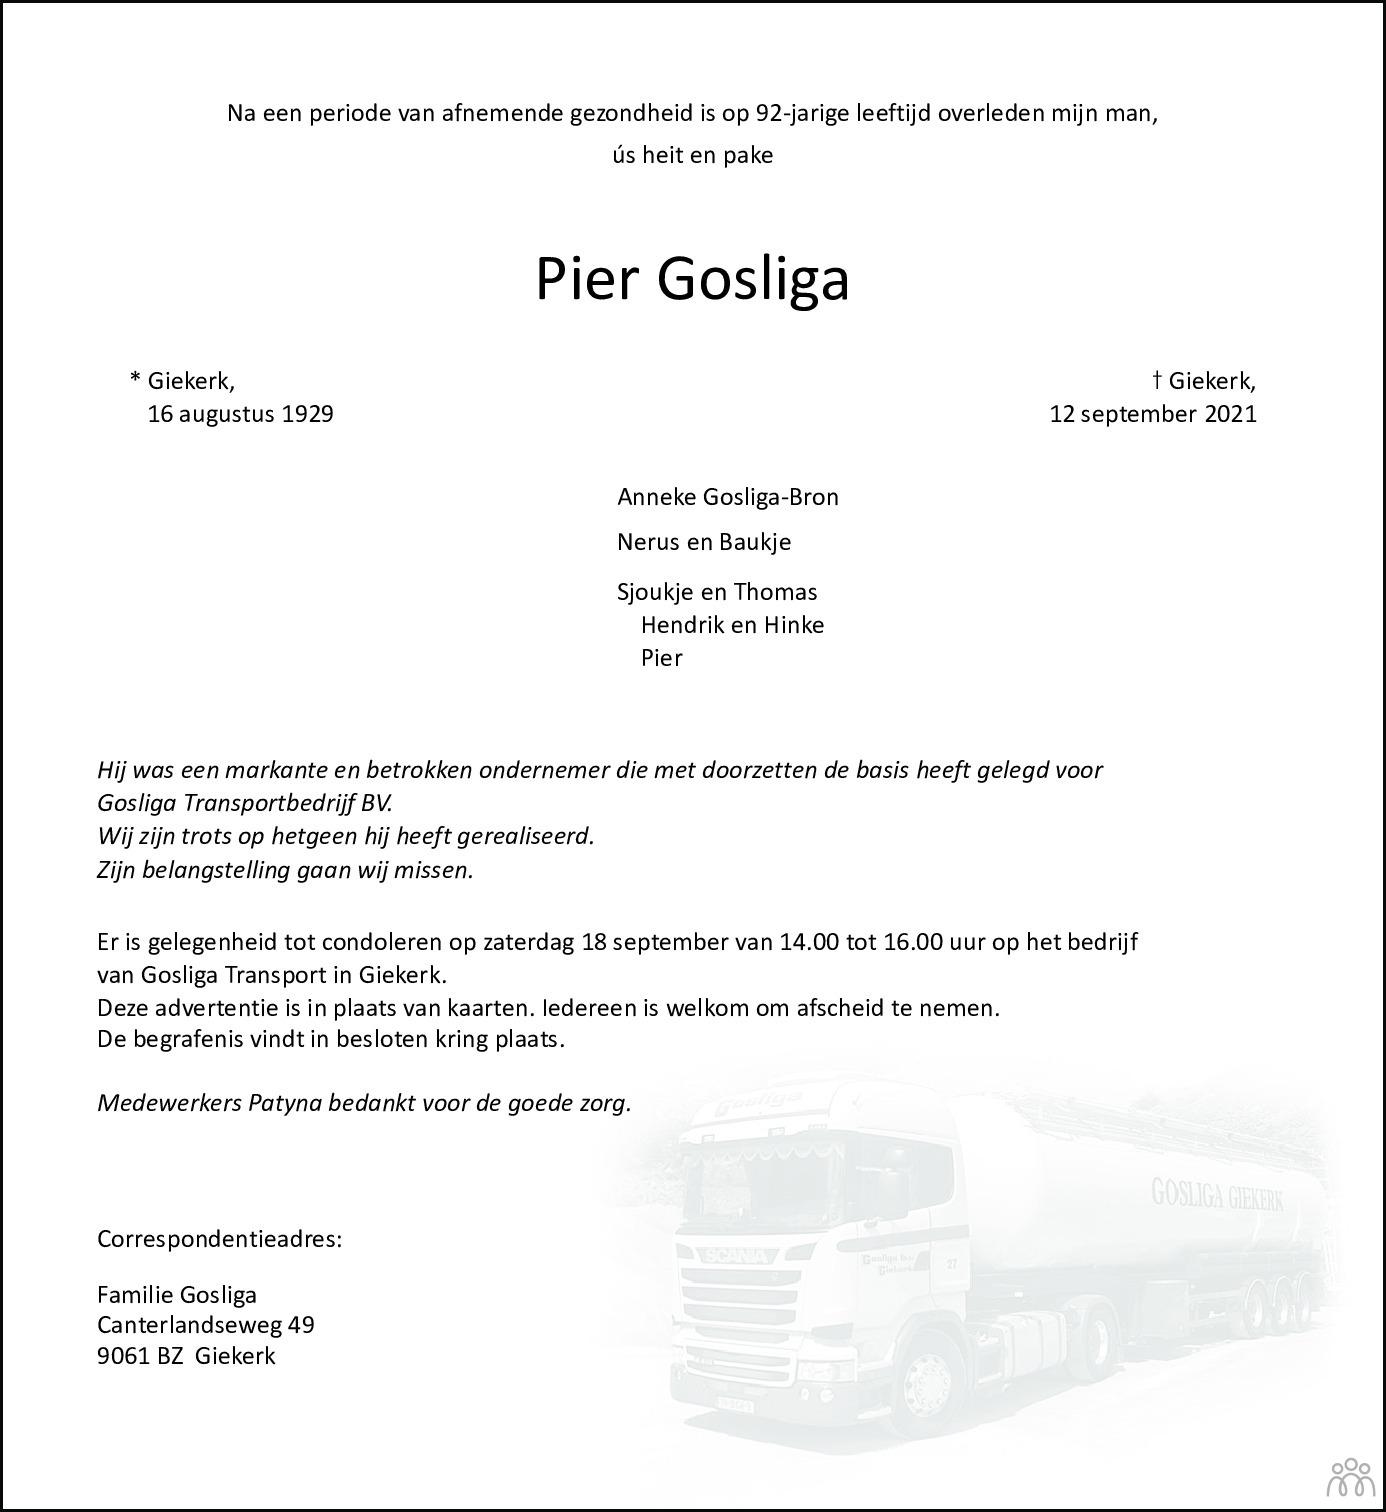 Overlijdensbericht van Pier Gosliga in Leeuwarder Courant